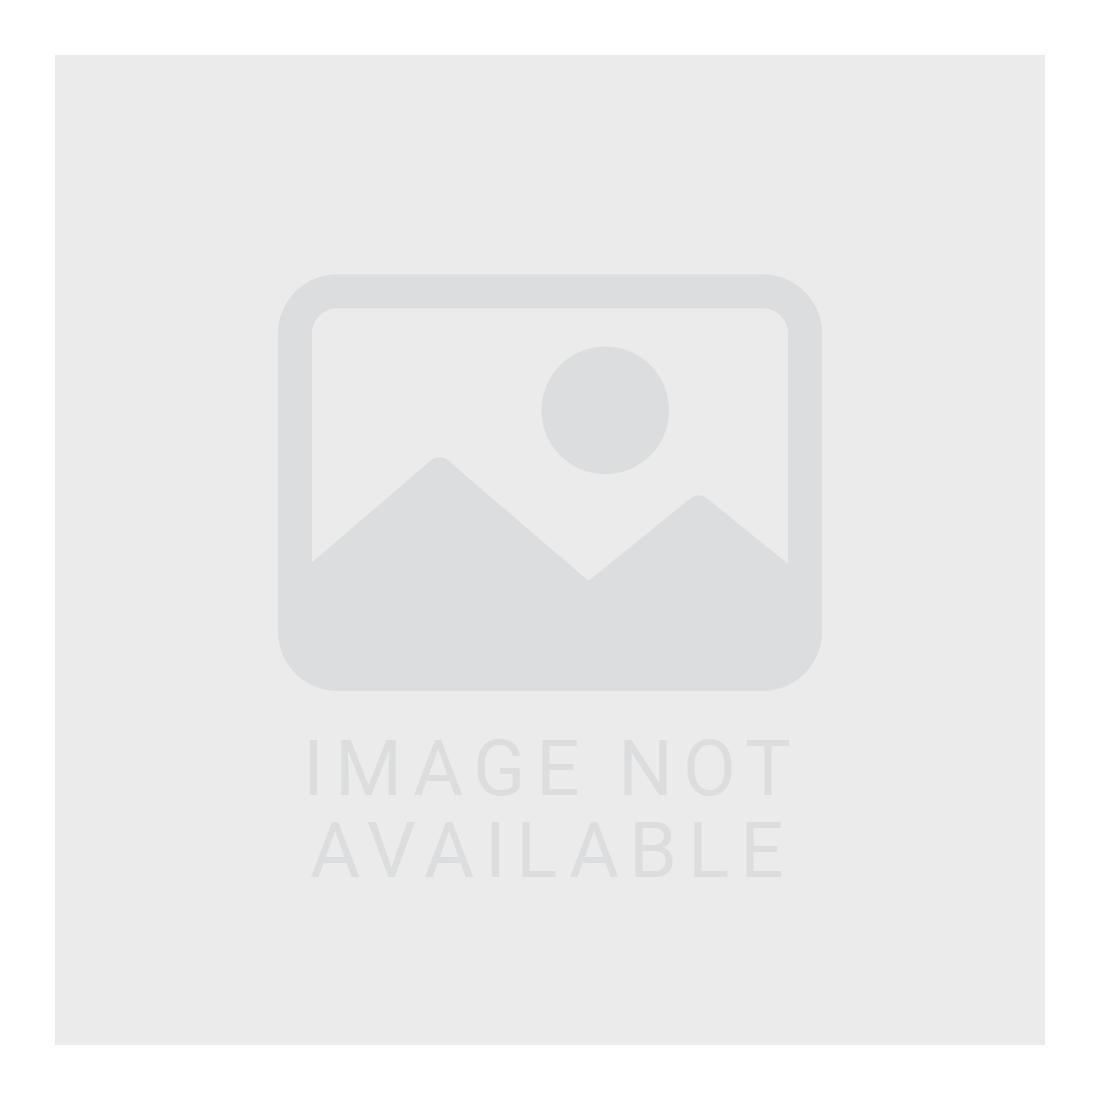 '41 Small Single Graphic